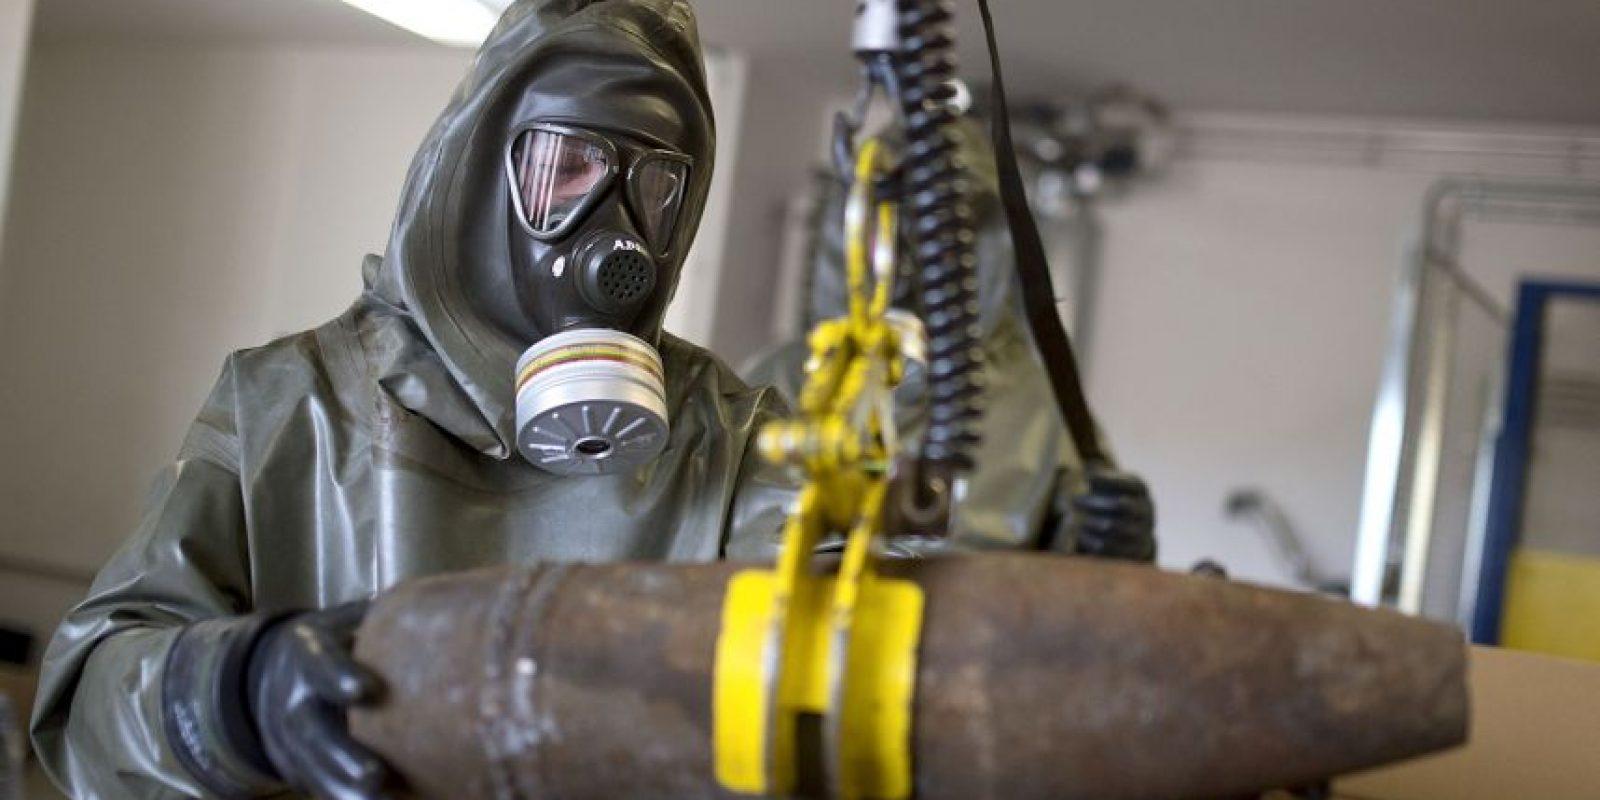 De acuerdo con la ONU se ha buscado la manera de desmantelar el uso irregular de estos artefactos. Foto:Getty Images